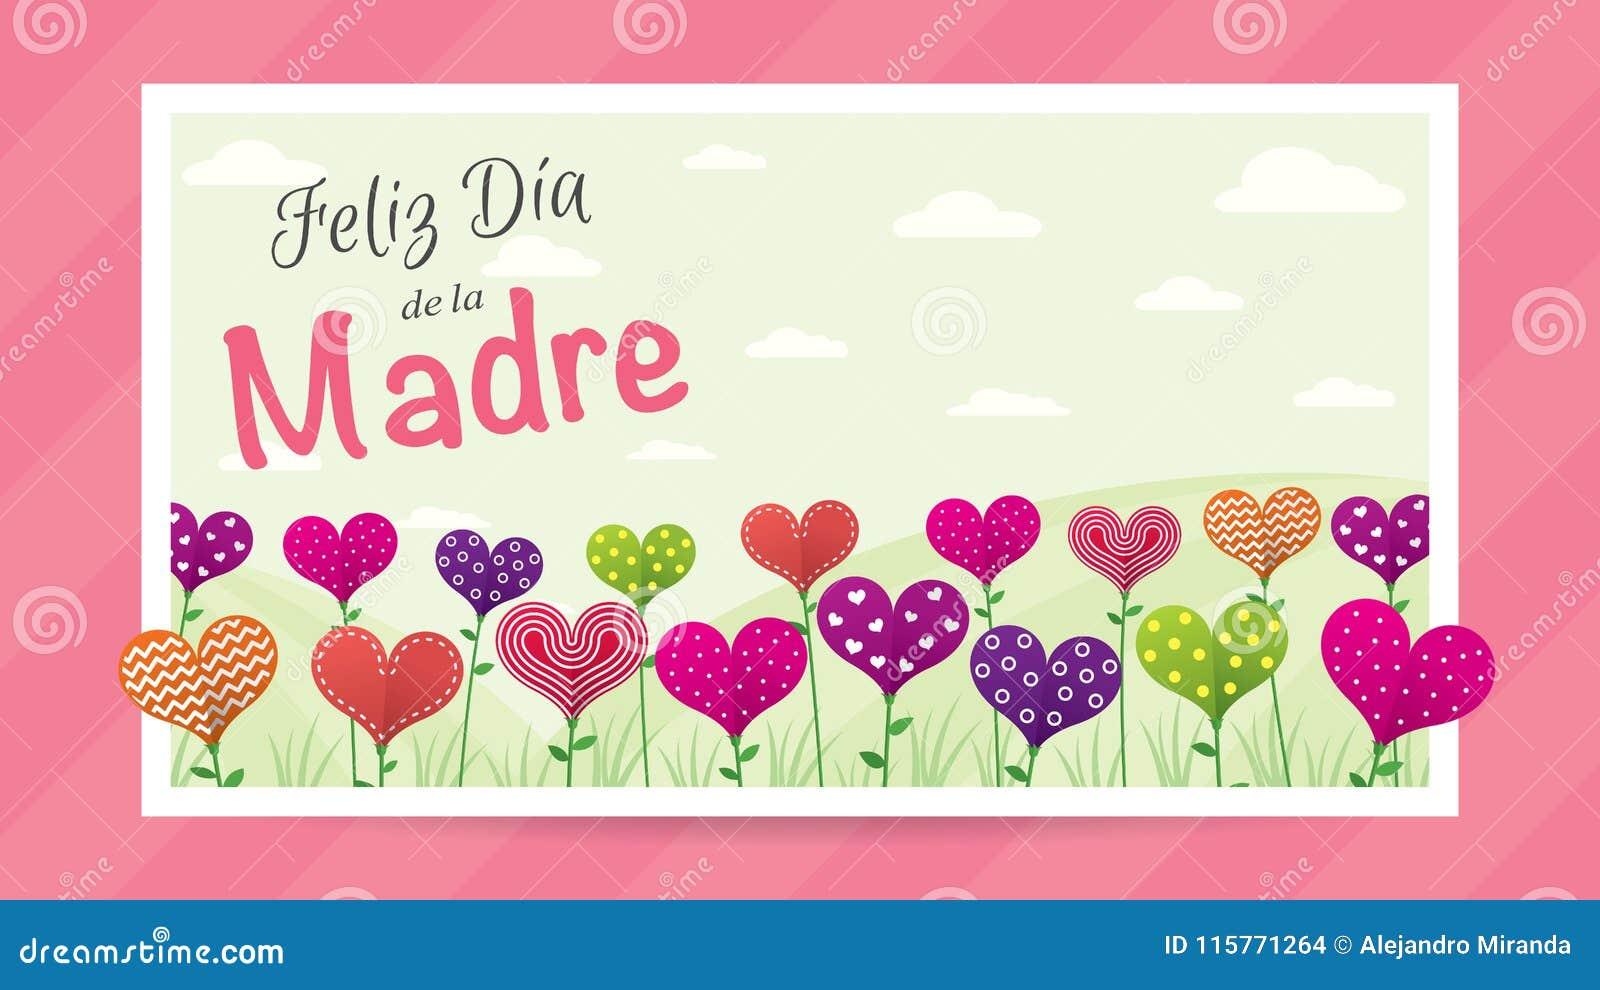 Feliz Dia de la Madre - Gelukkige Moeder` s Dag in Spaanse taal - groetkaart Gebied van bloemen in de vorm van een hart